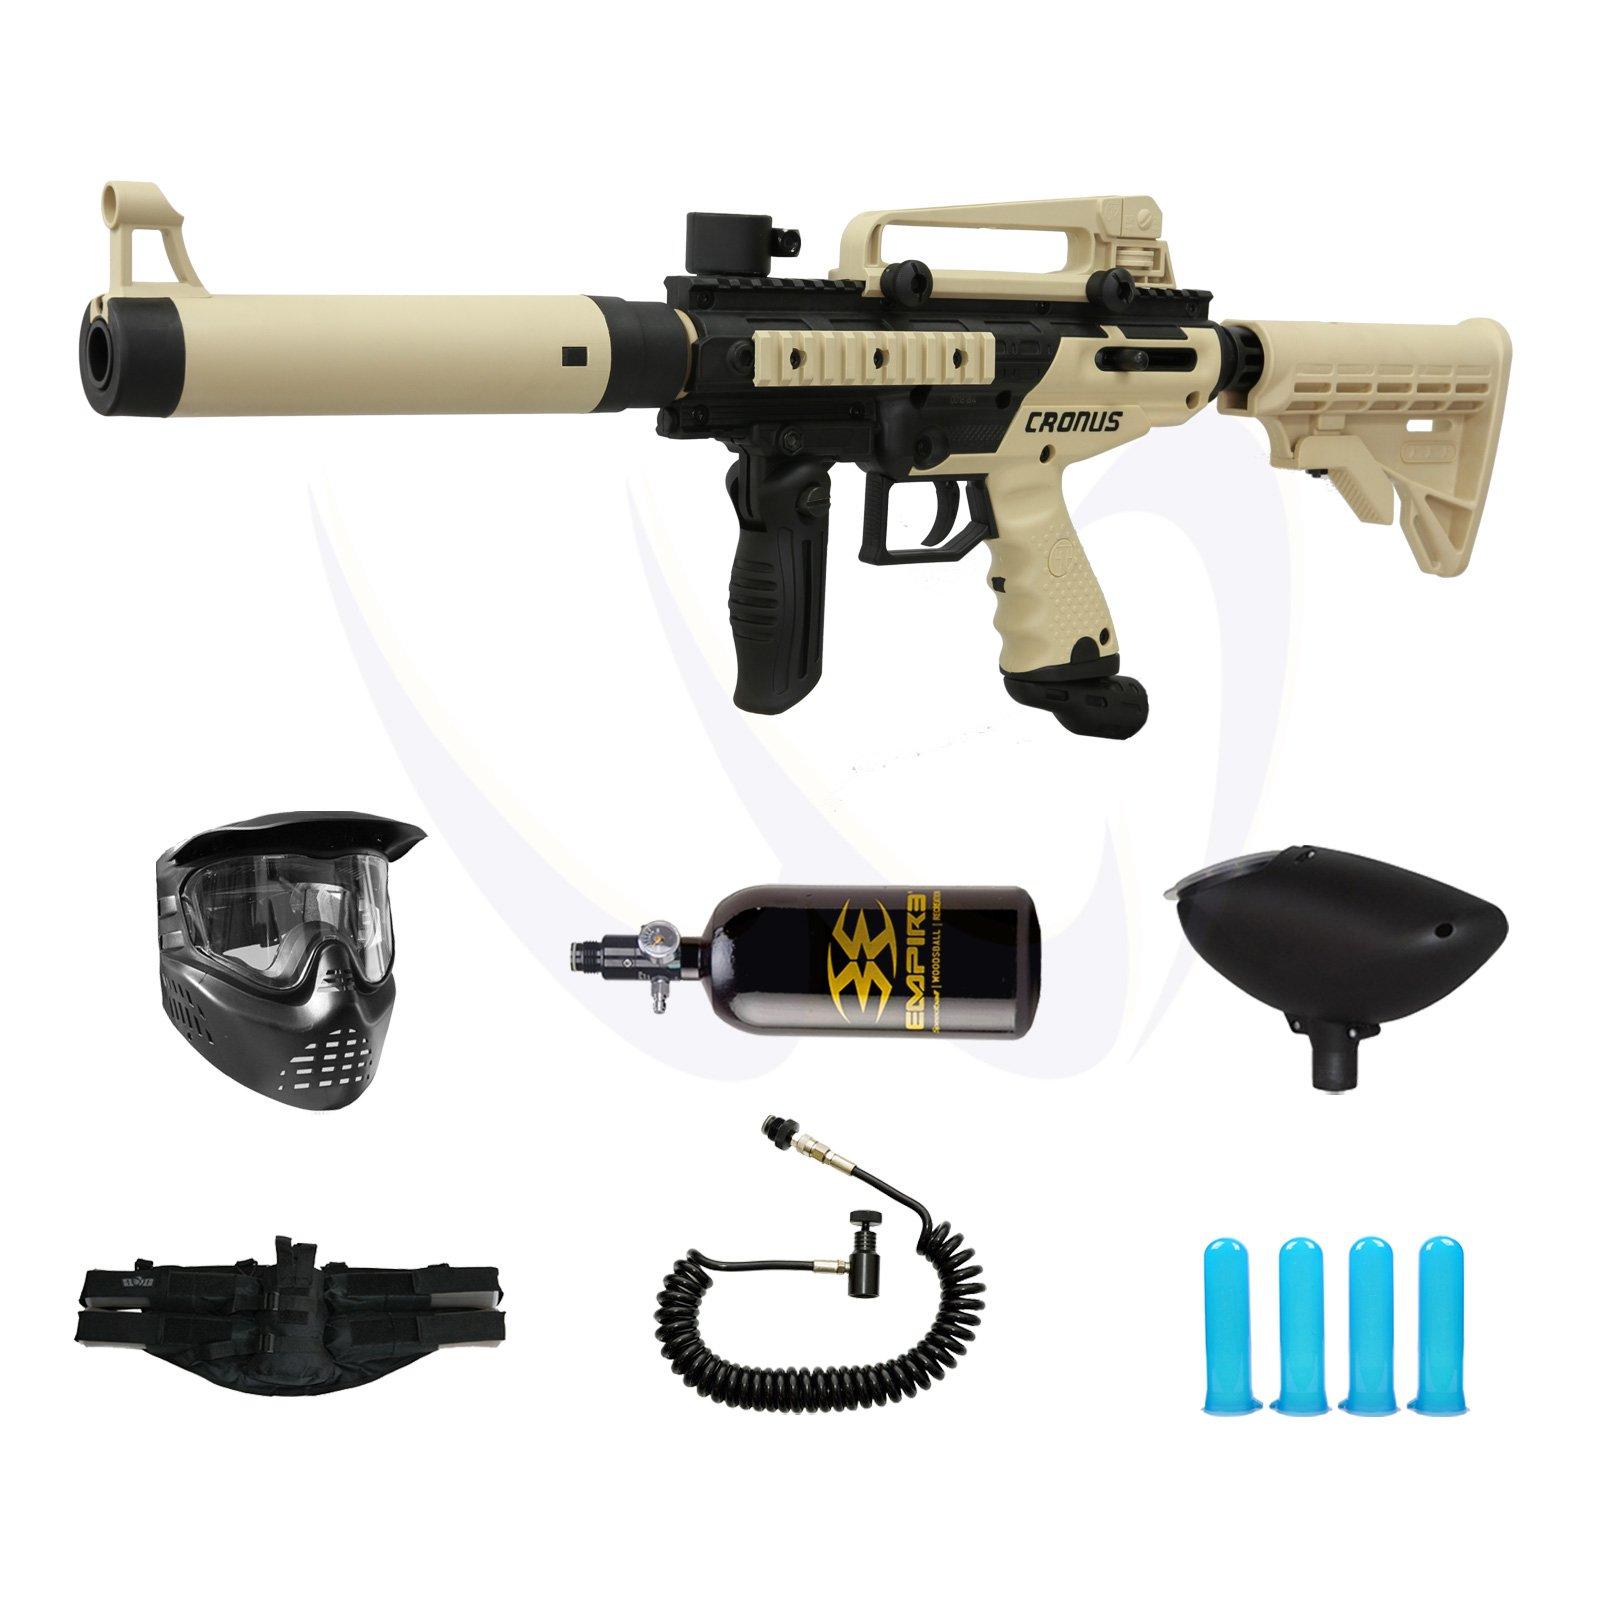 Tippmann Cronus Tactical - Tan - M-F Paintball Gun Prime N2 Pack